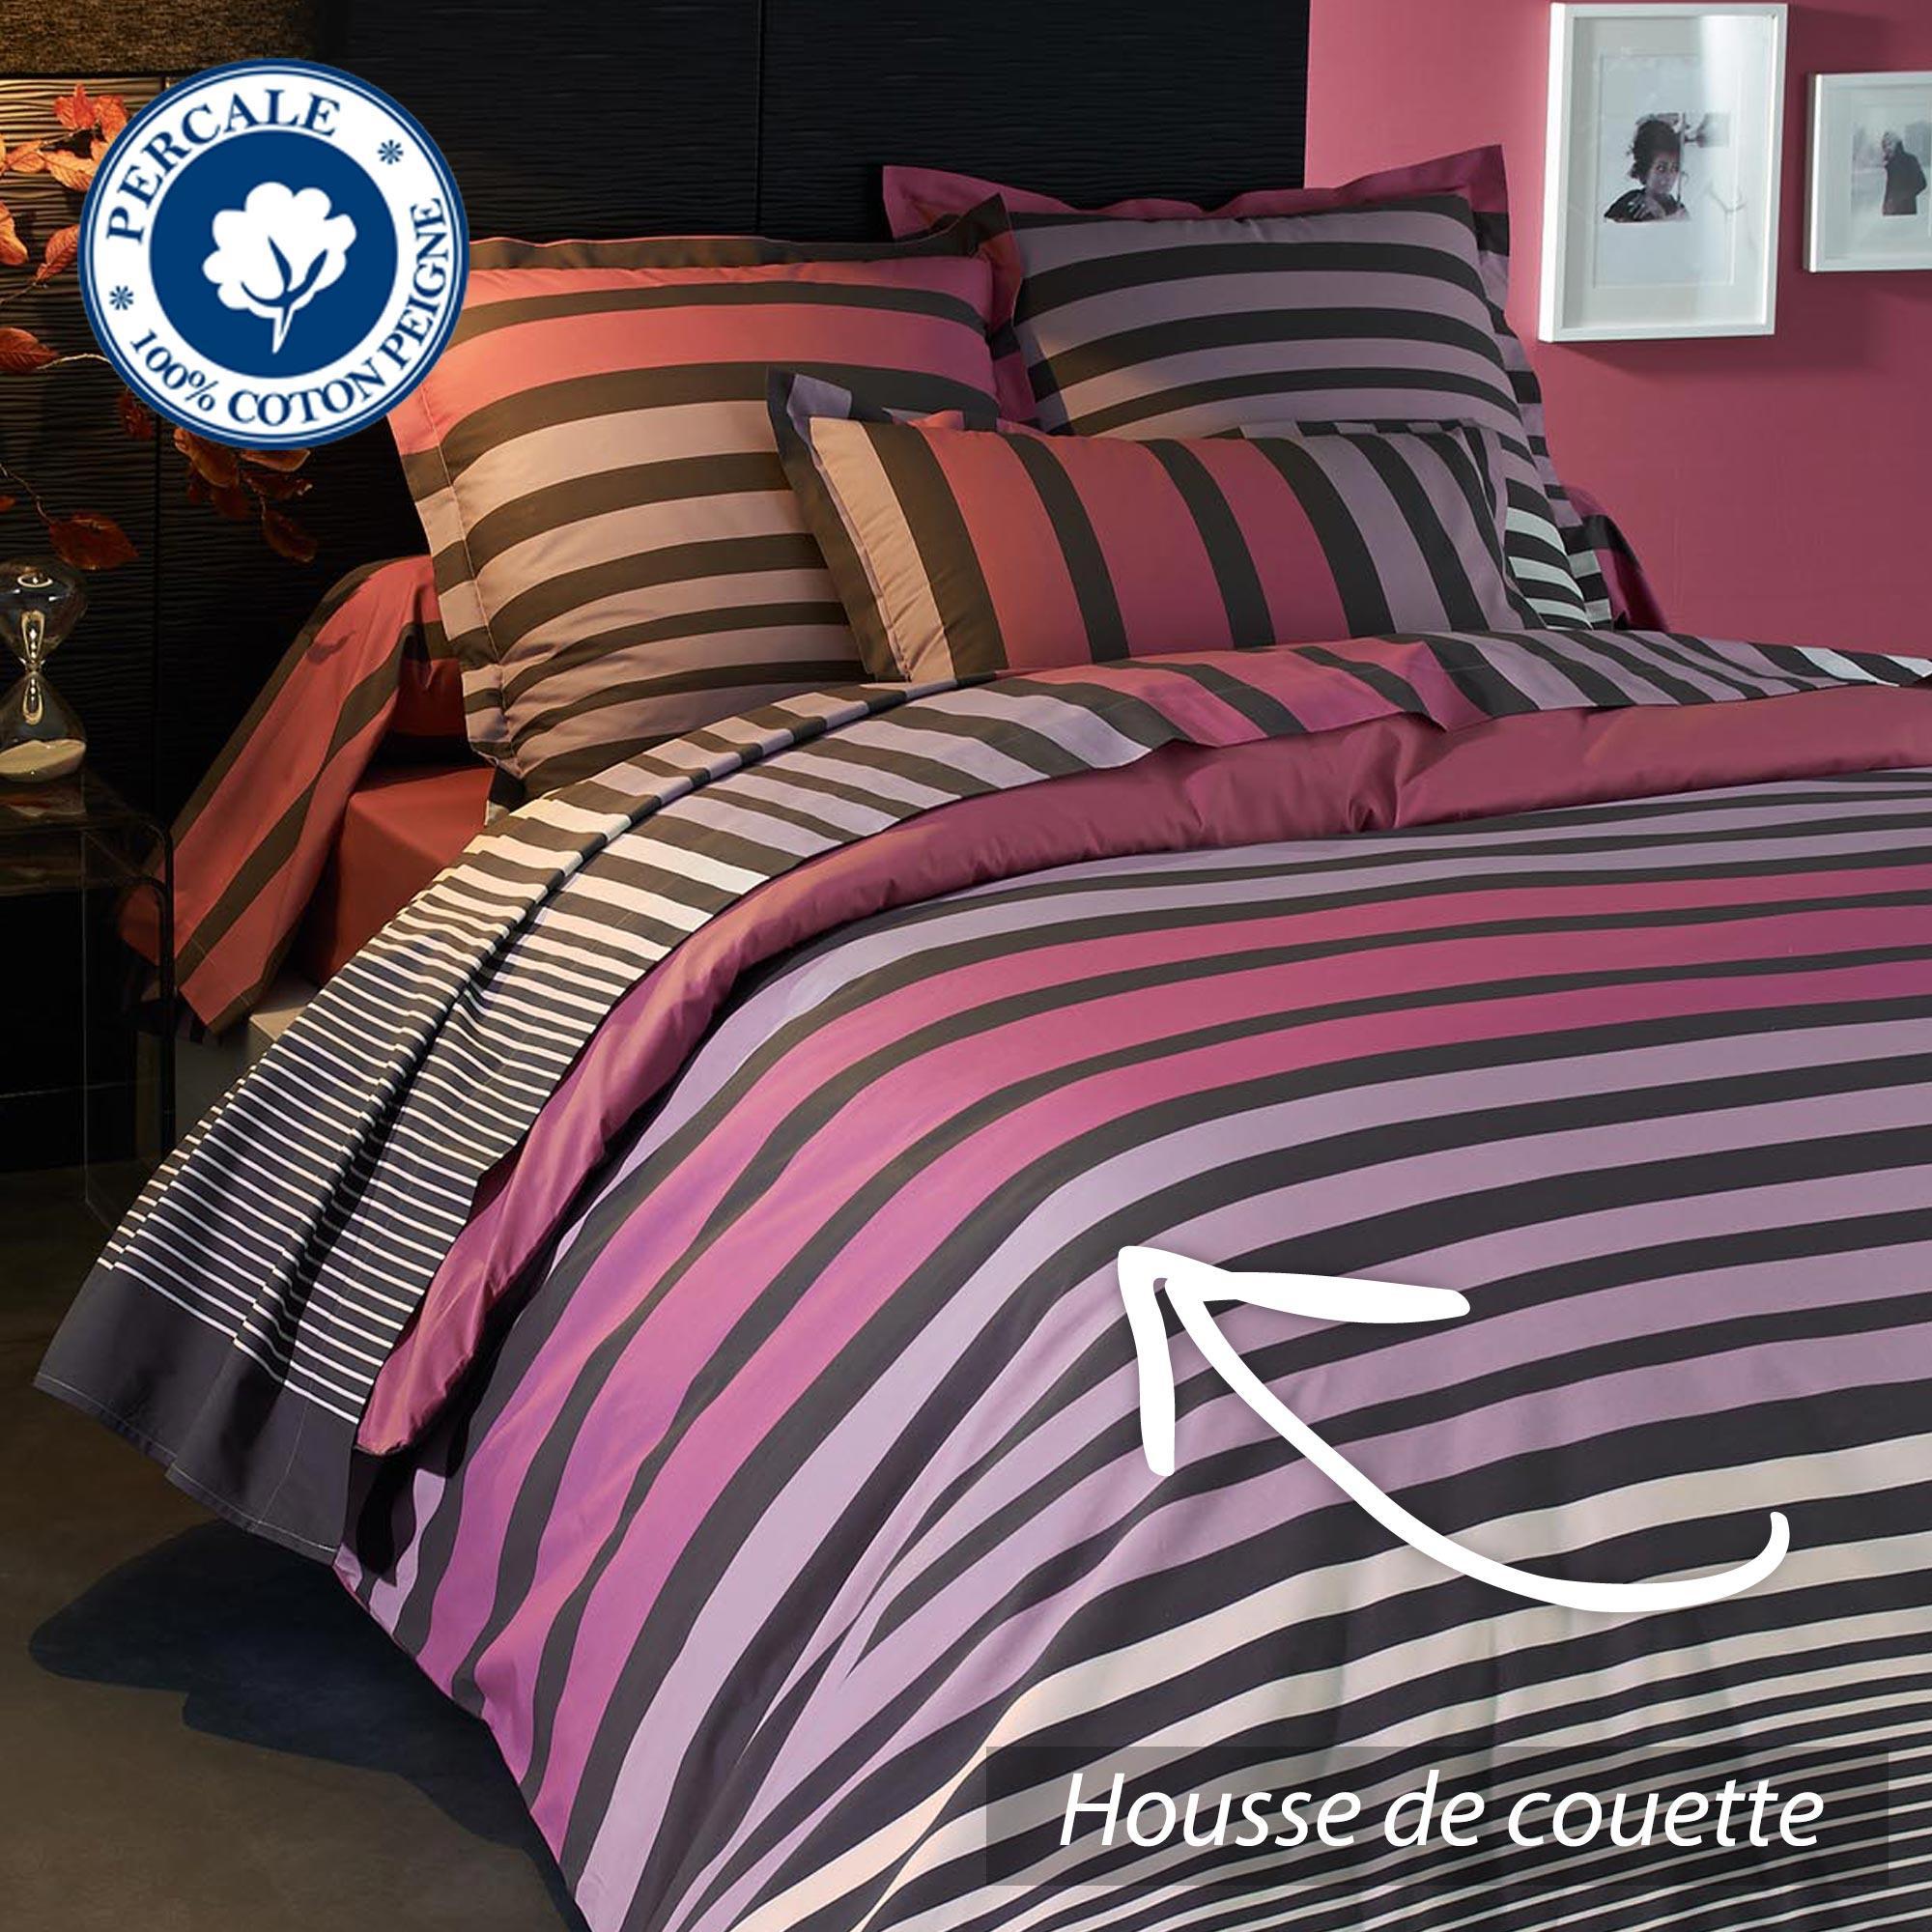 housse de couette 200x200 cm percale pur coton stripe camelia eur 64 47 picclick fr. Black Bedroom Furniture Sets. Home Design Ideas